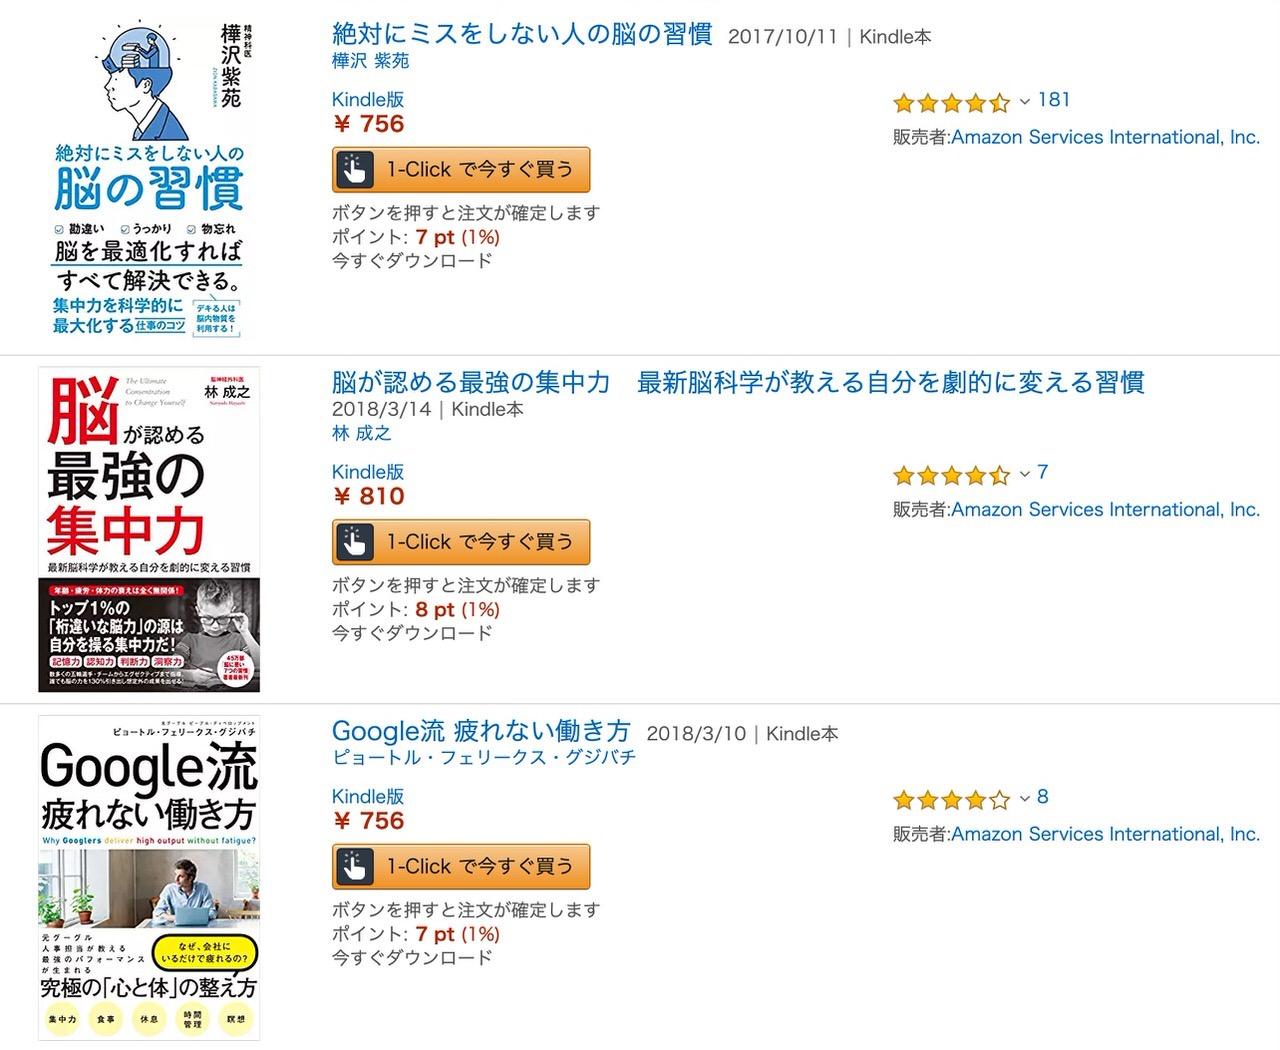 【Kindleセール】50%オフ!150冊が対象の「仕事力UP本フェア」開催中(5/2まで)